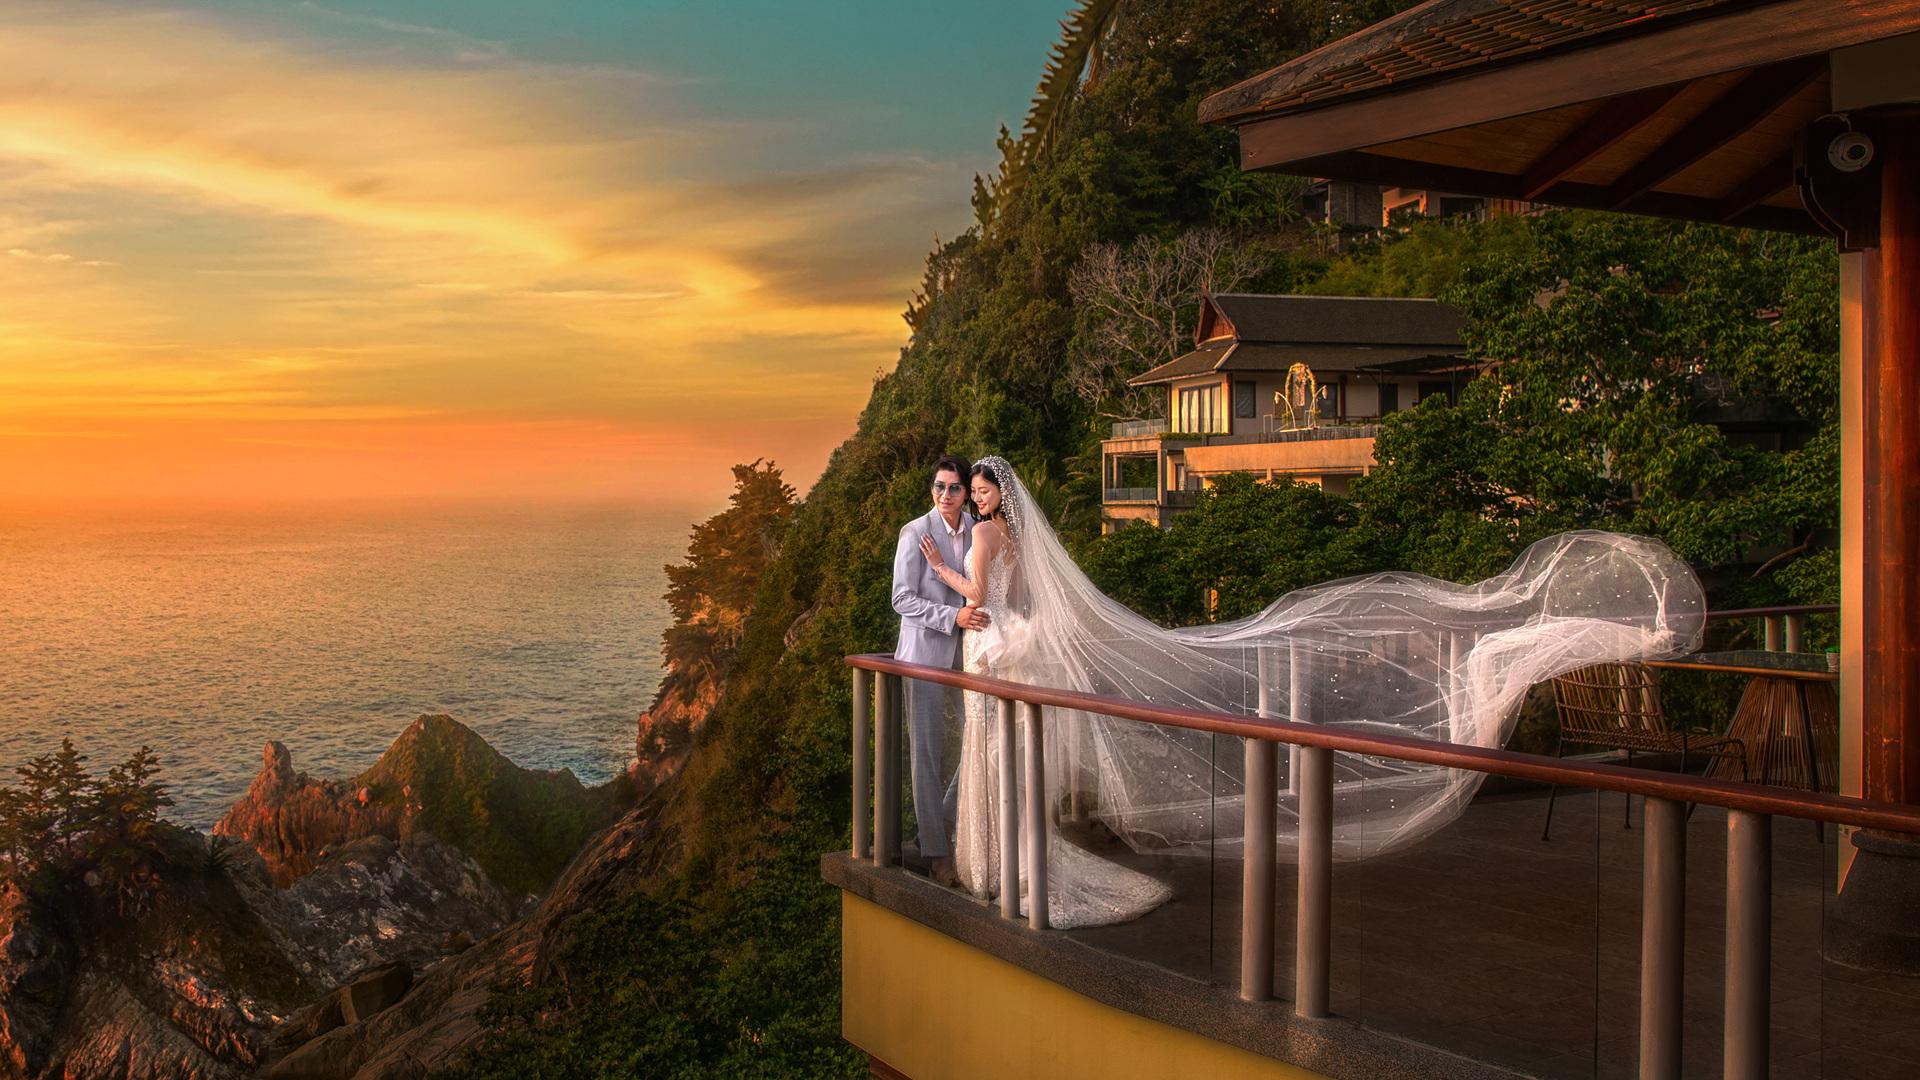 婚纱摄影工作室和影楼有什么区别?婚纱照拍摄选影楼还是选工作室好?